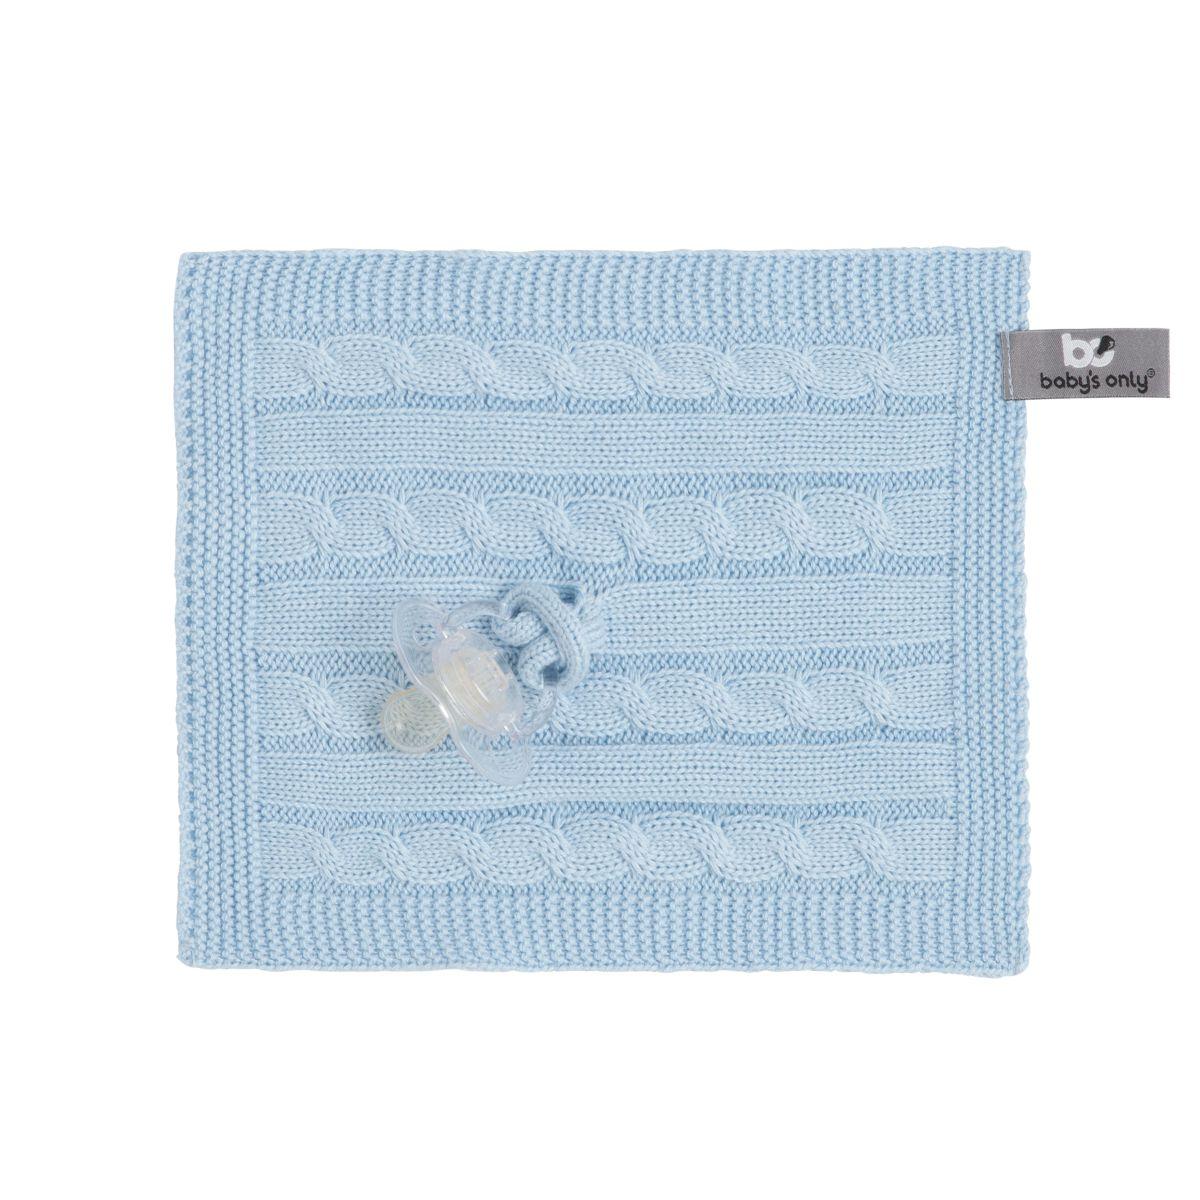 babys only 0132820 speendoekje cable baby blauw